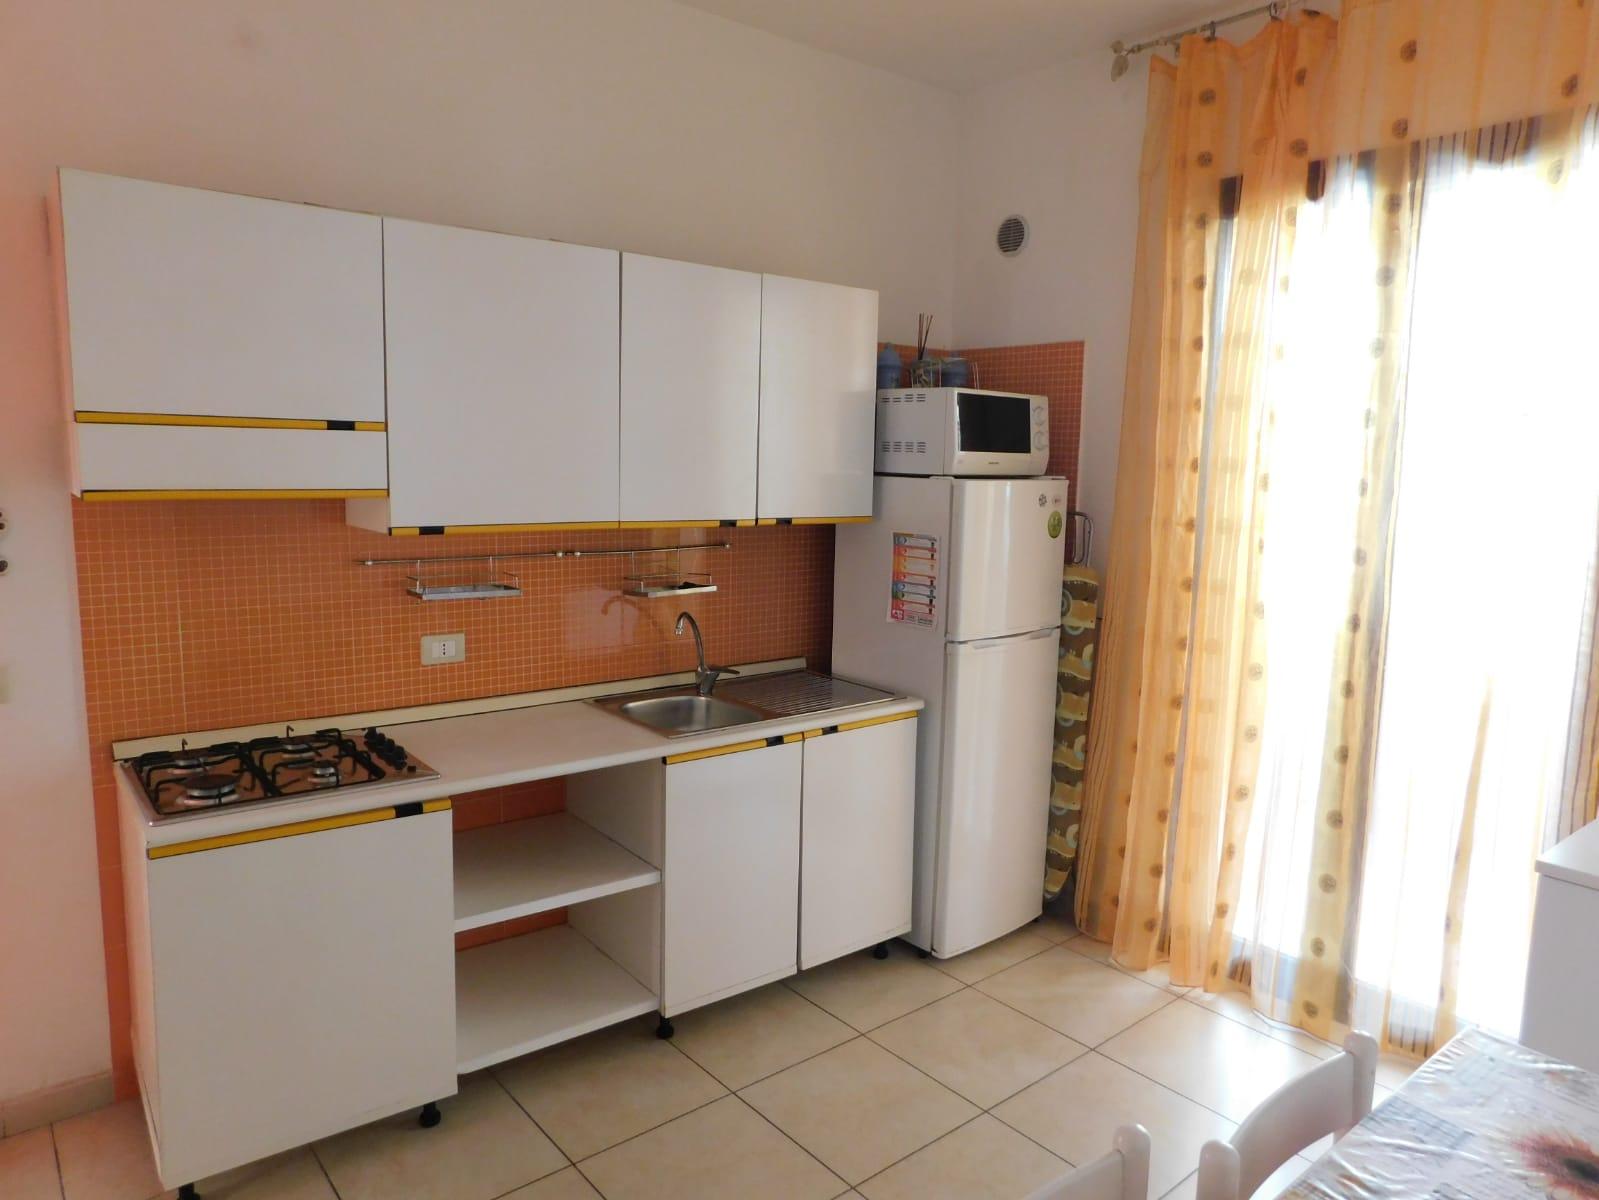 affitto appartamento mare gallipoli 5249 (20190716200714-2019-26756-NDP.jpg)